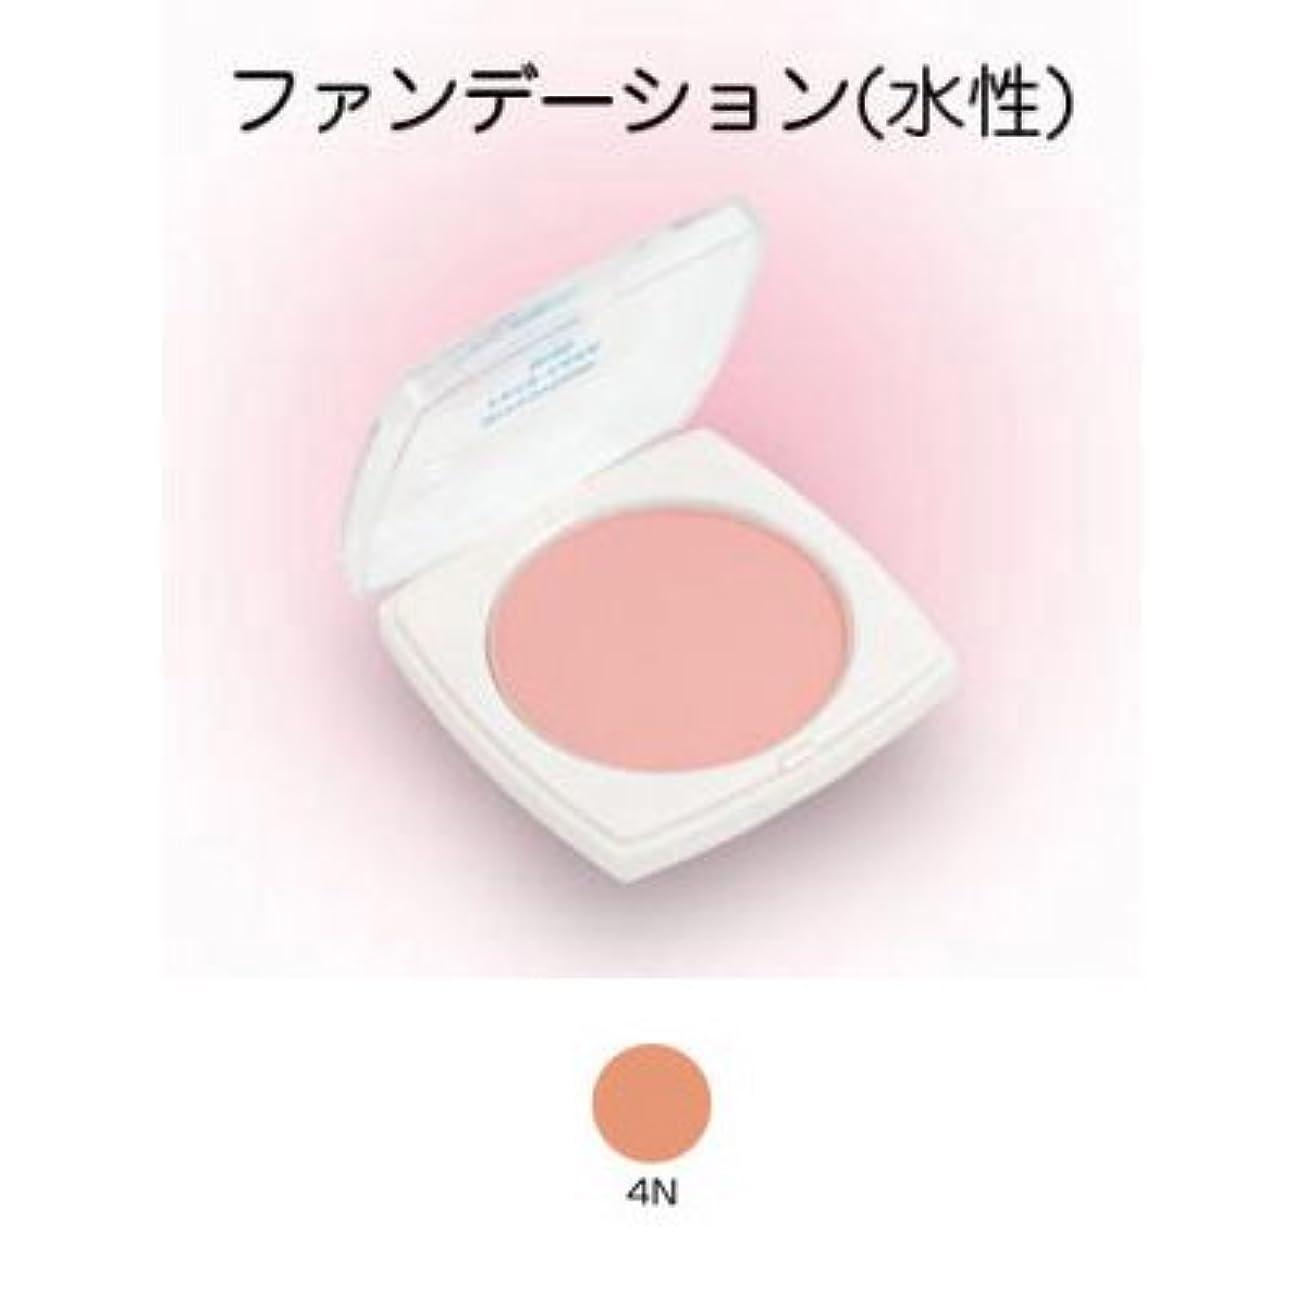 巻き取り復活悪意フェースケーキ ミニ 17g 4N 【三善】